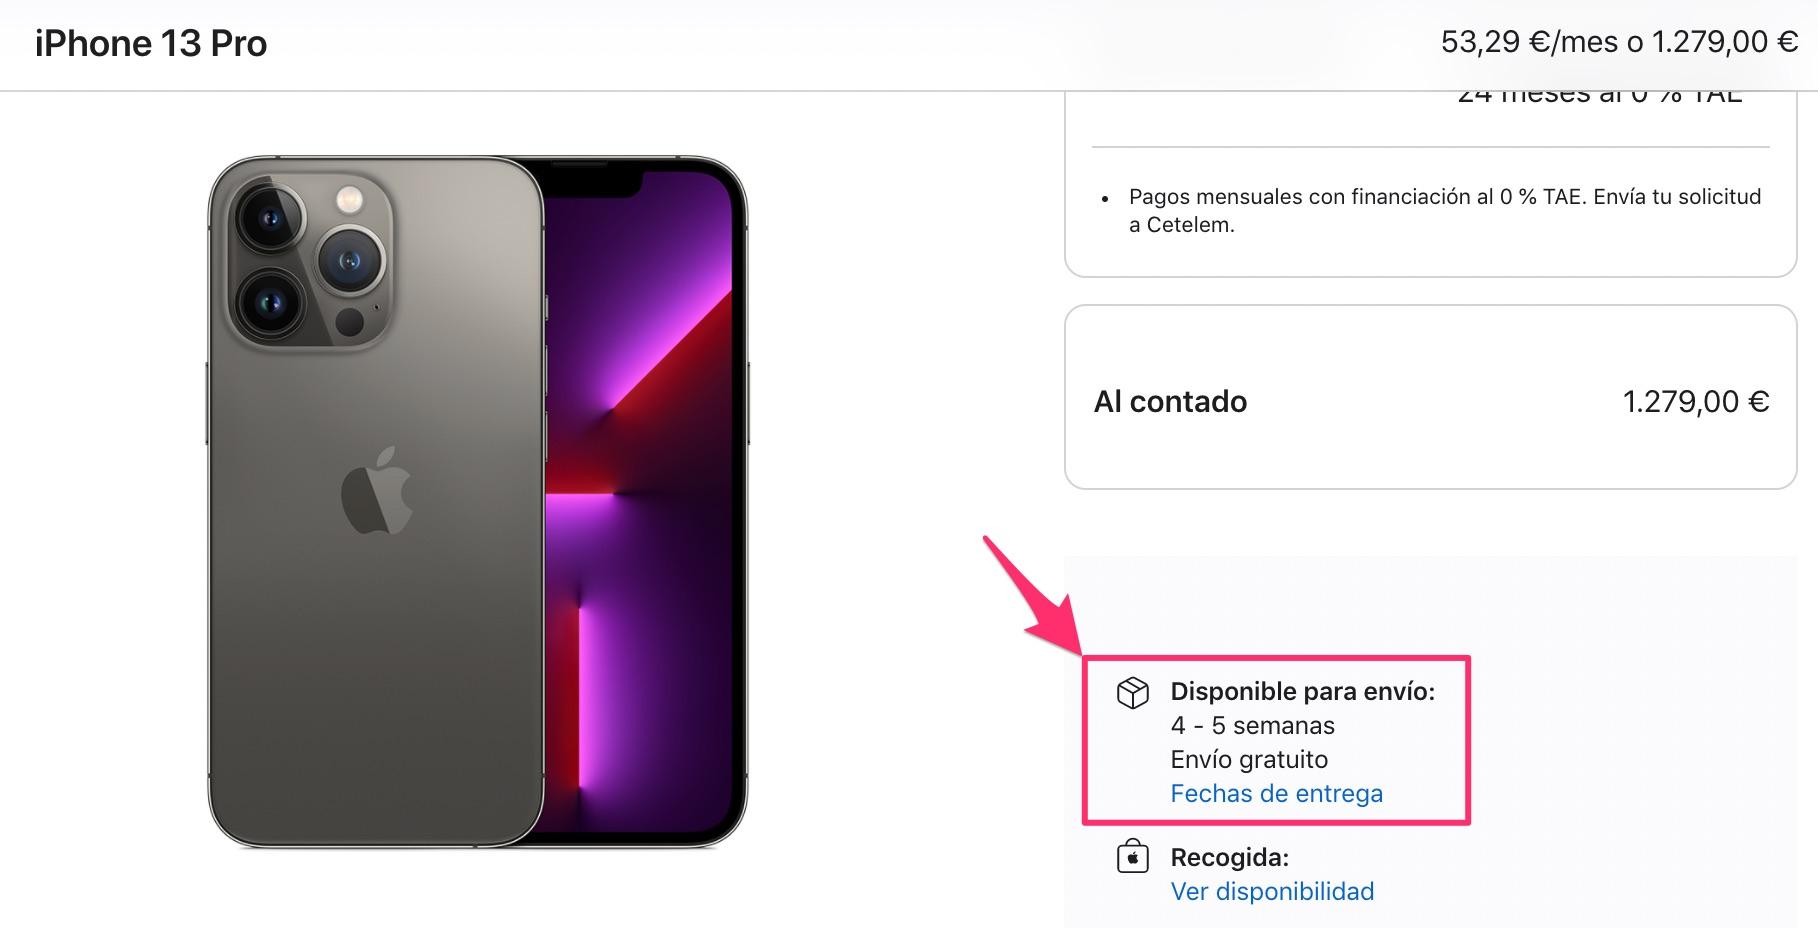 Tiempos de espera de 4 o 5 semanas para comprar un iPhone 13 Pro